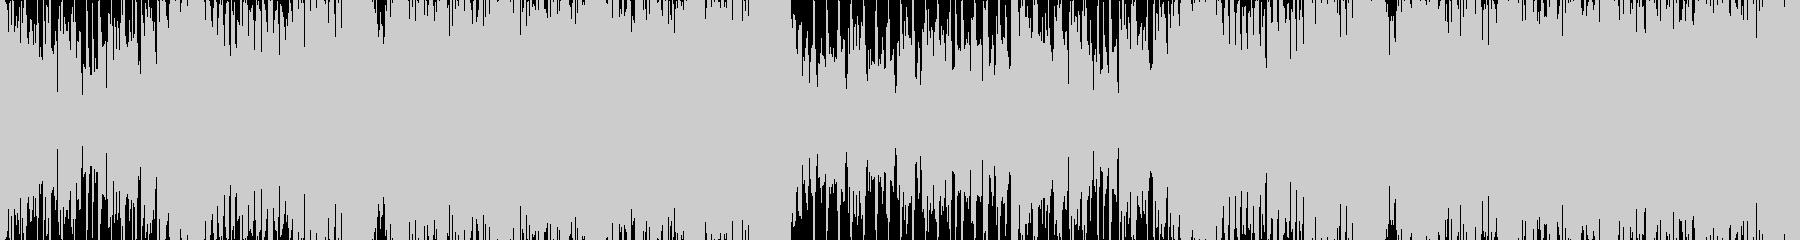 可愛いシンセ、メロの和風EDM ループの未再生の波形